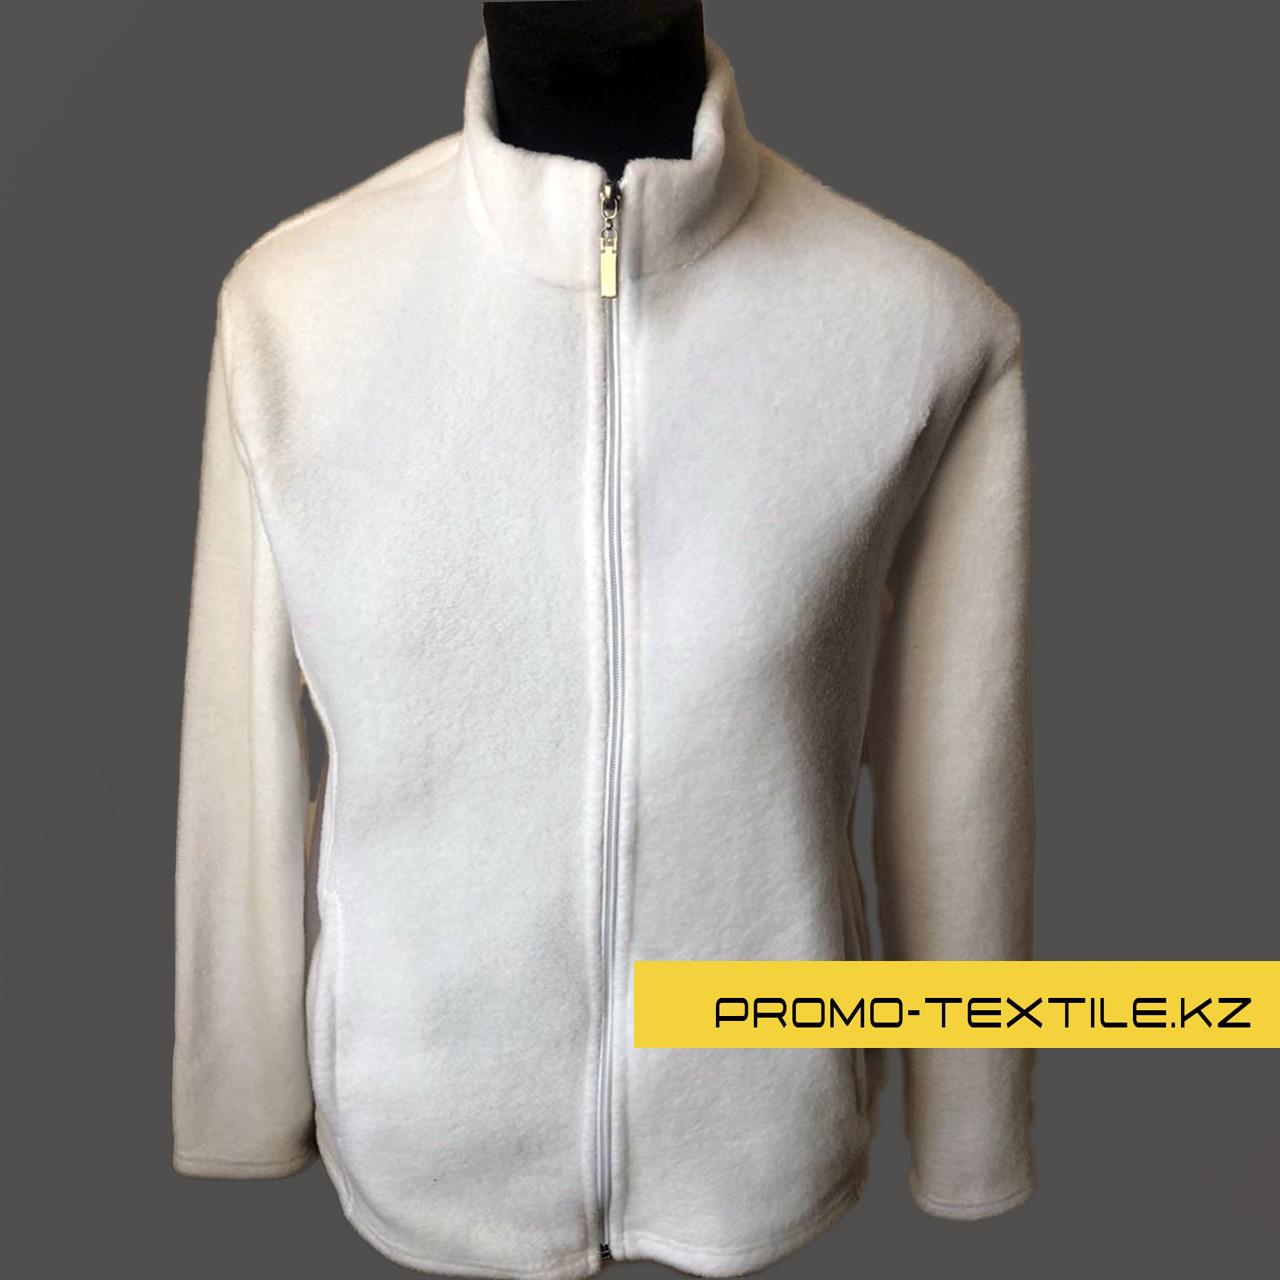 Флисовая кофта / Флисовая куртка / Флисовая толстовка на молнии